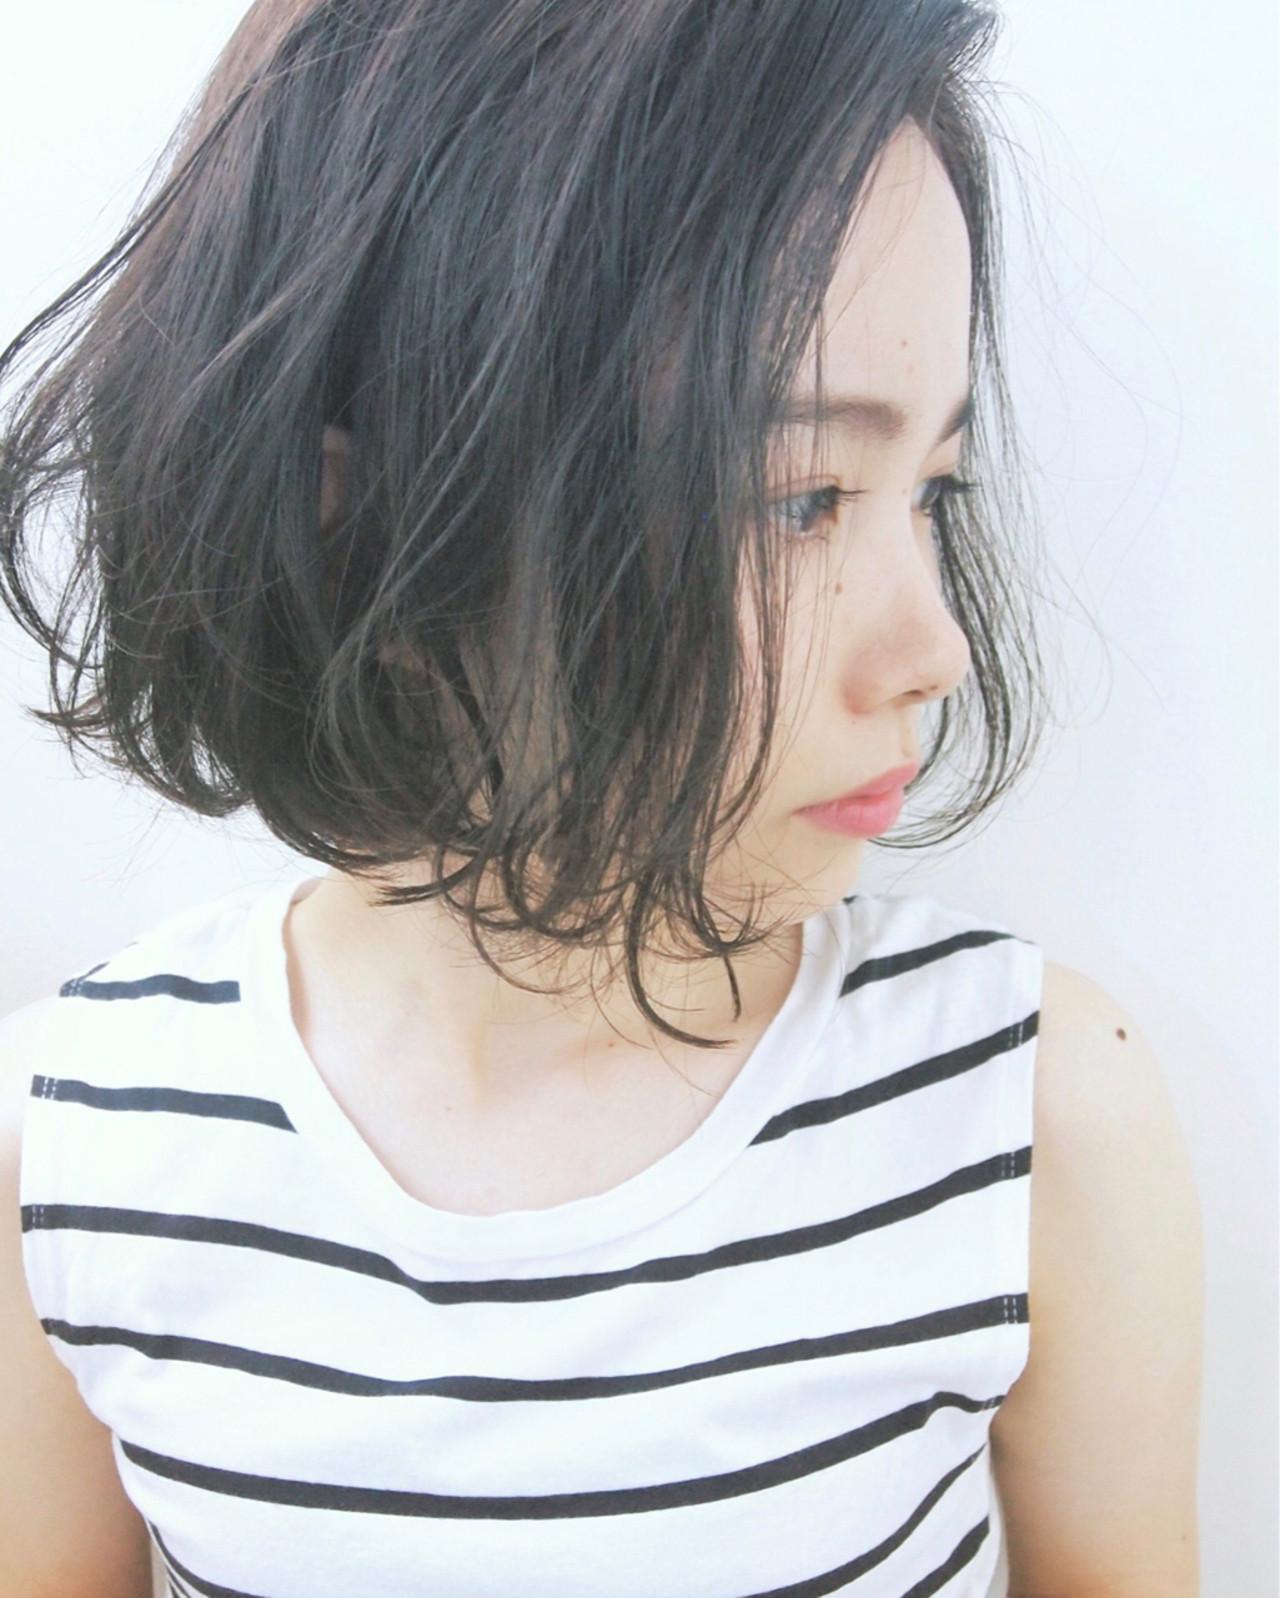 """《全色紹介》インテグレート""""眉マスカラ""""でふんわり旬眉make!の3枚目の画像"""